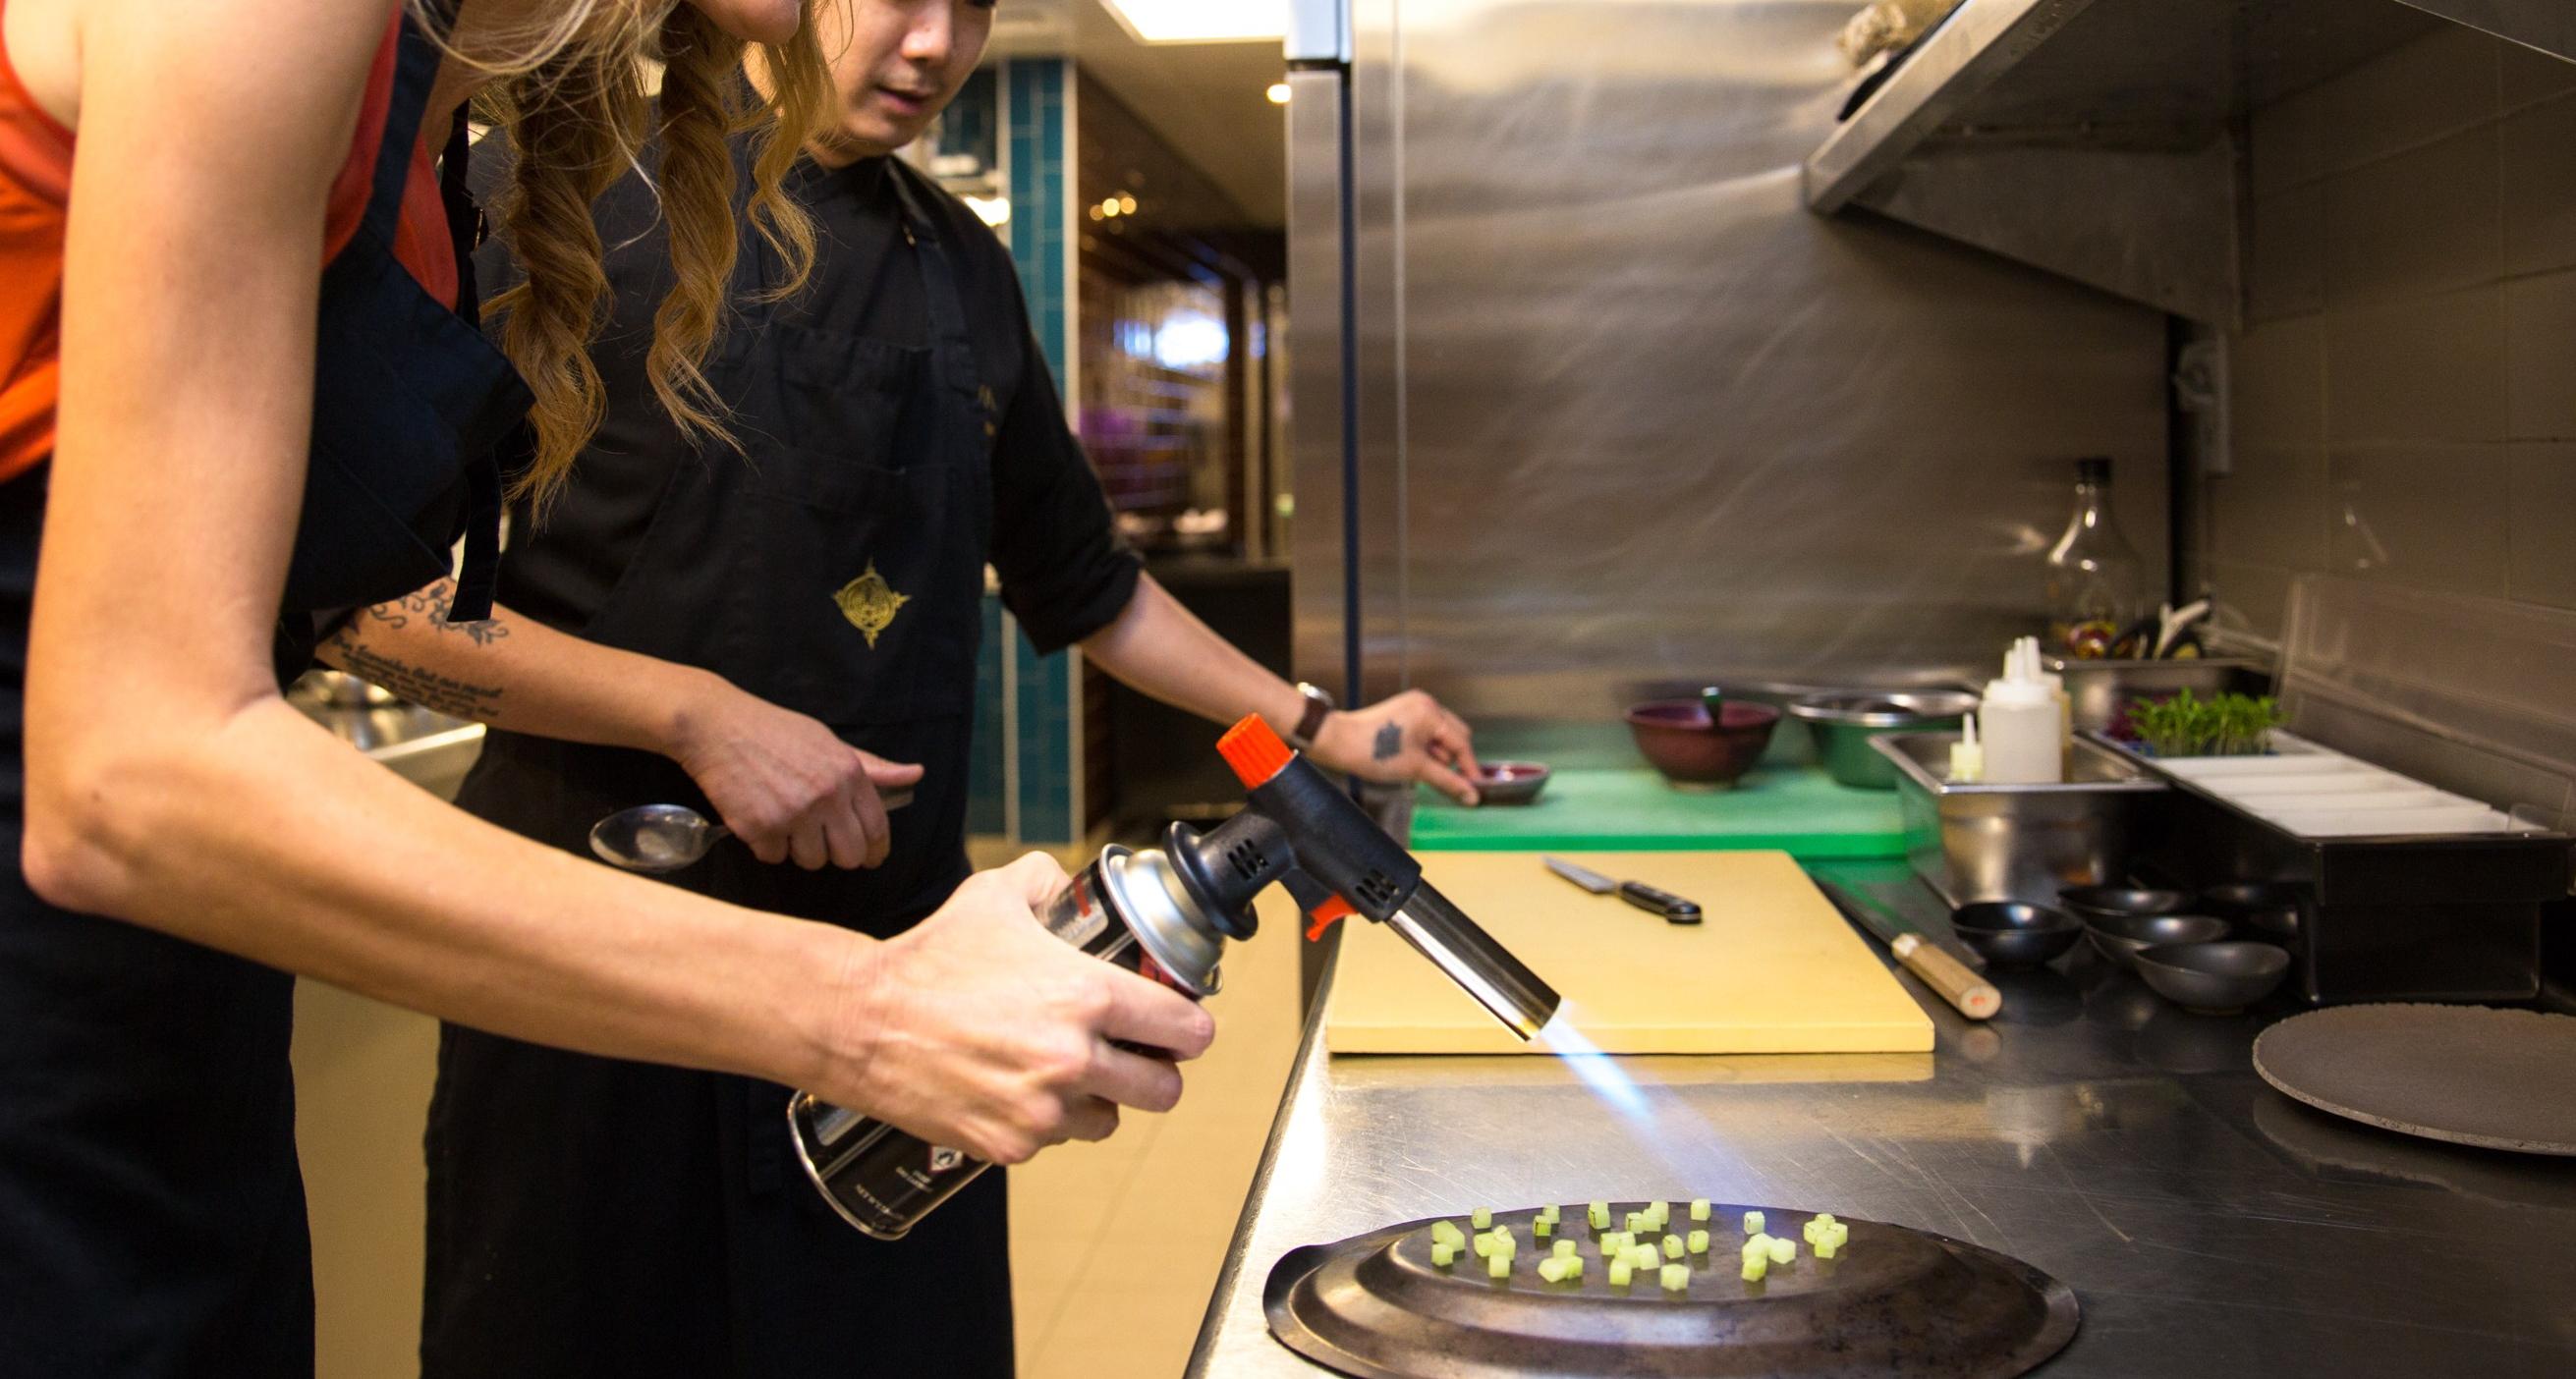 lidijas_kitchen_coya-part2_2.jpg